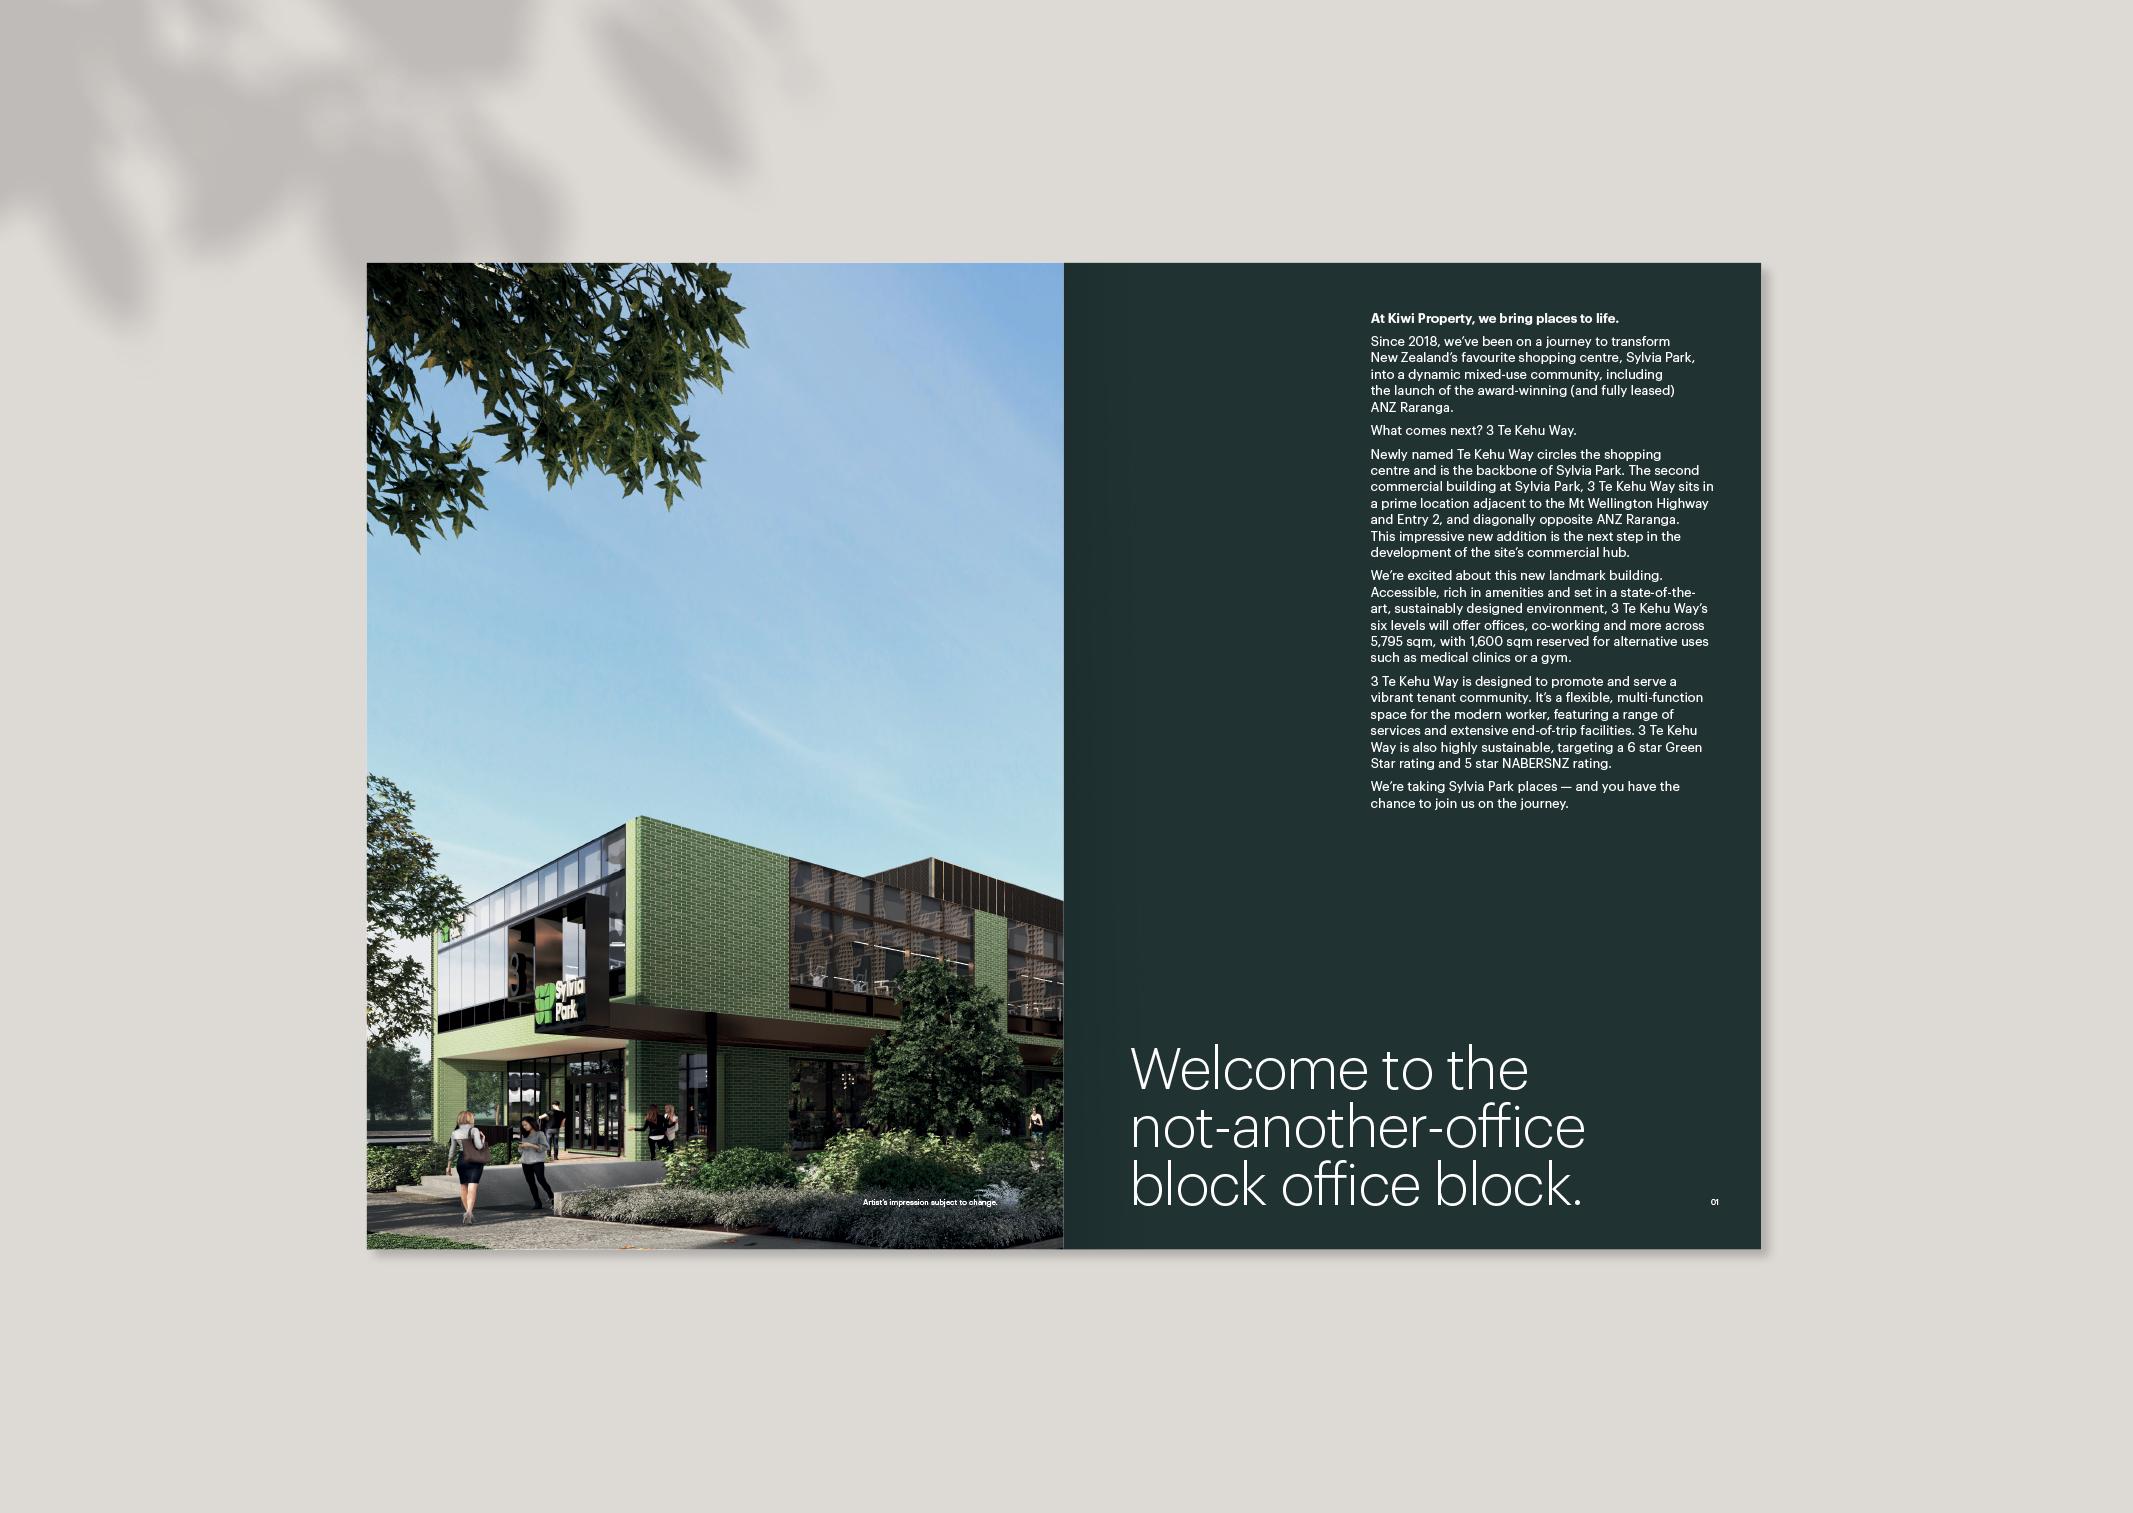 3 Te Kehu Way Commercial Property Development Brochure opening spread